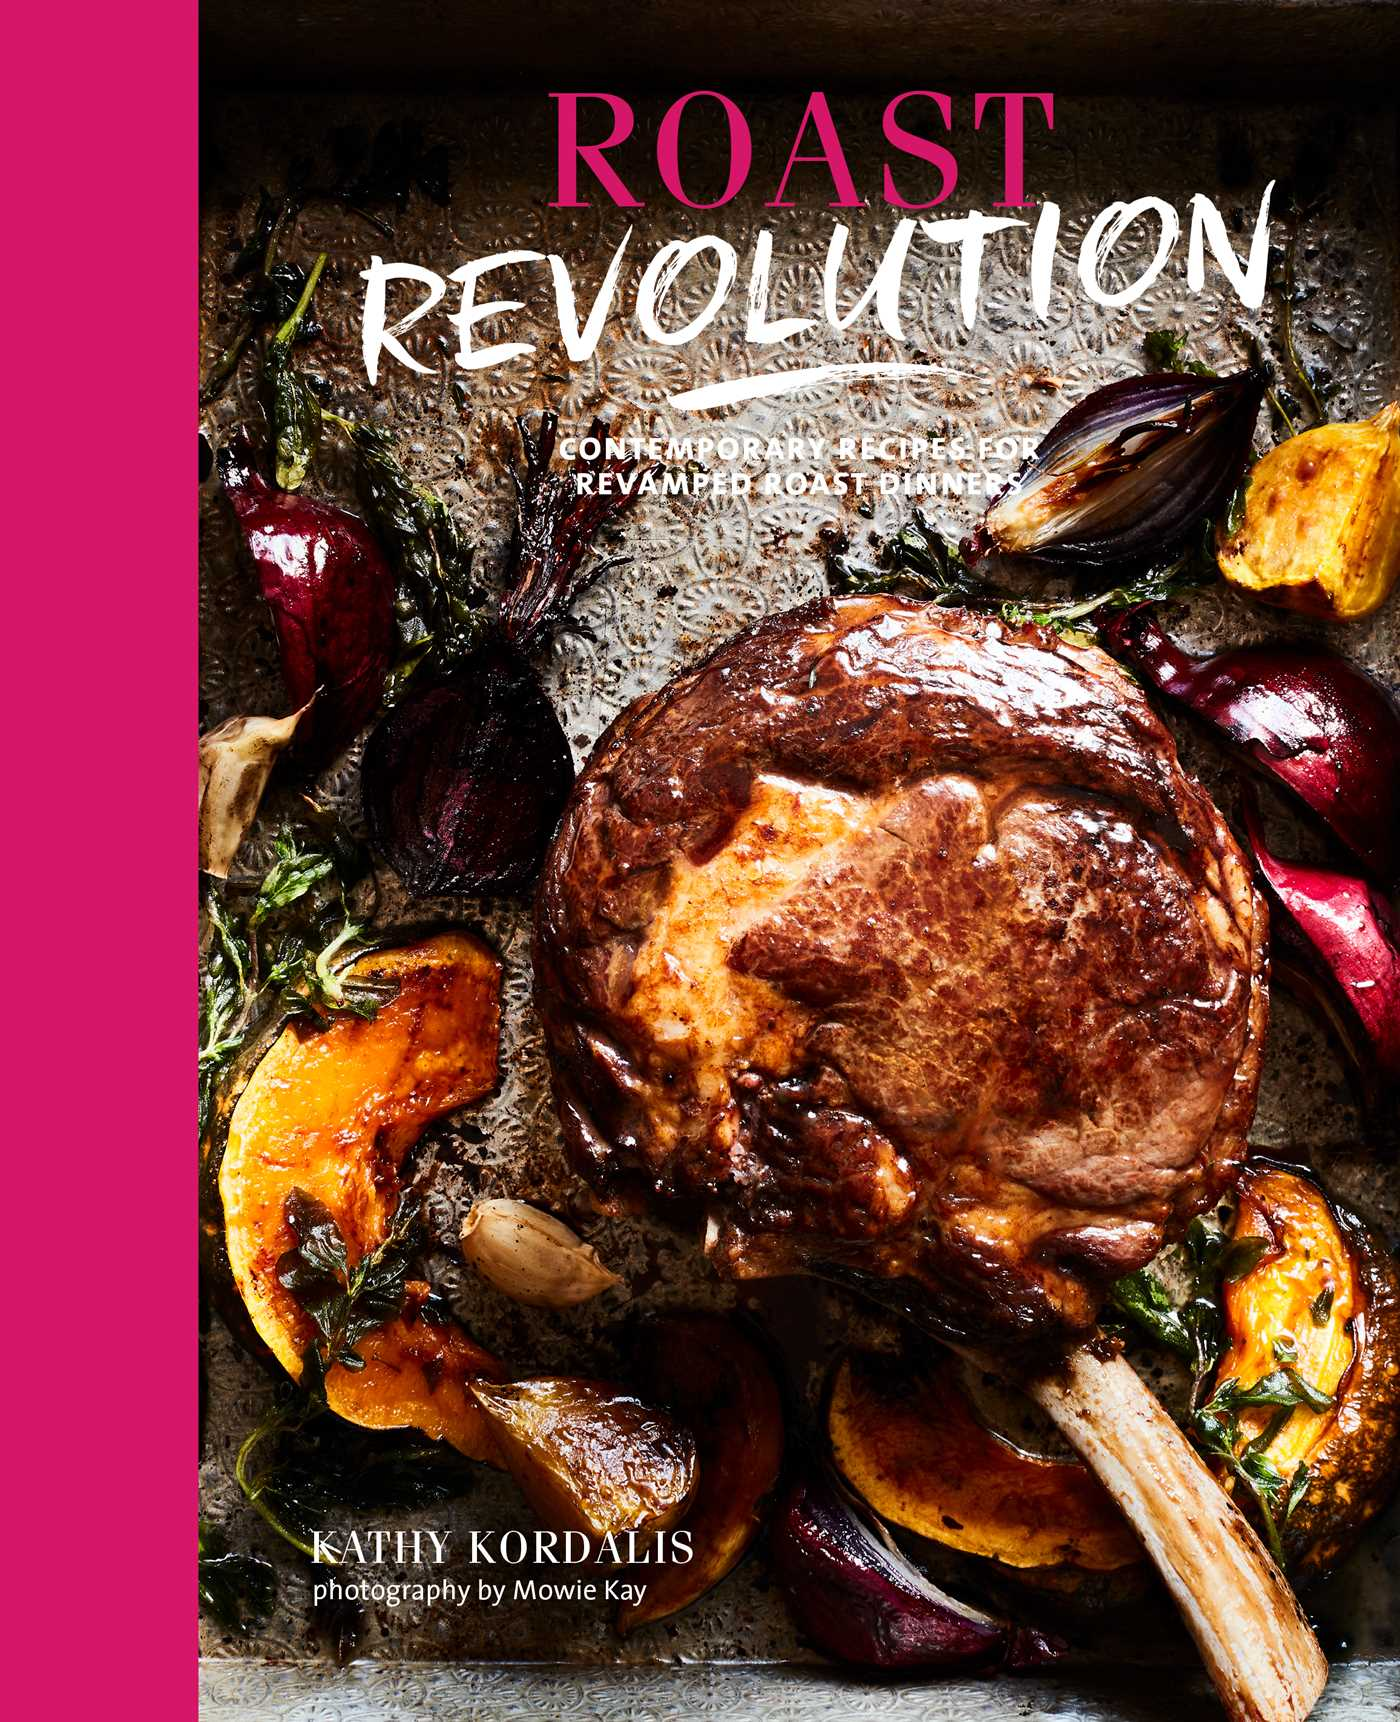 Roast revolution 9781788790277 hr